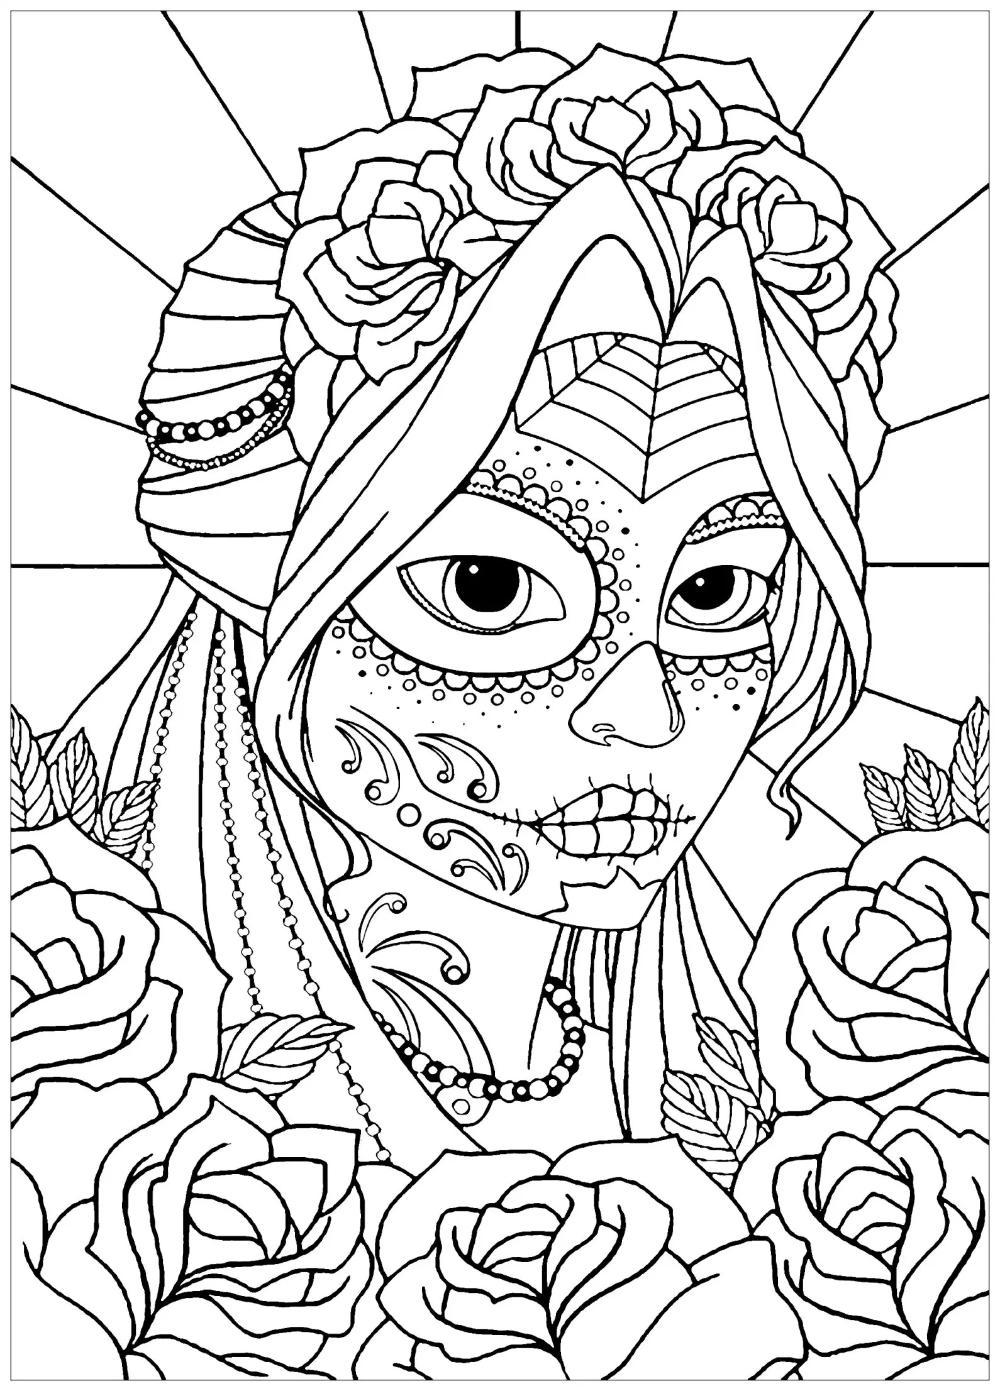 Los Mejores Dibujos Del Dia De Los Muertos Tambien Para Colorear Mandalas Para Colorear Animales Mandalas Para Pintar Pdf Libros De Mandalas